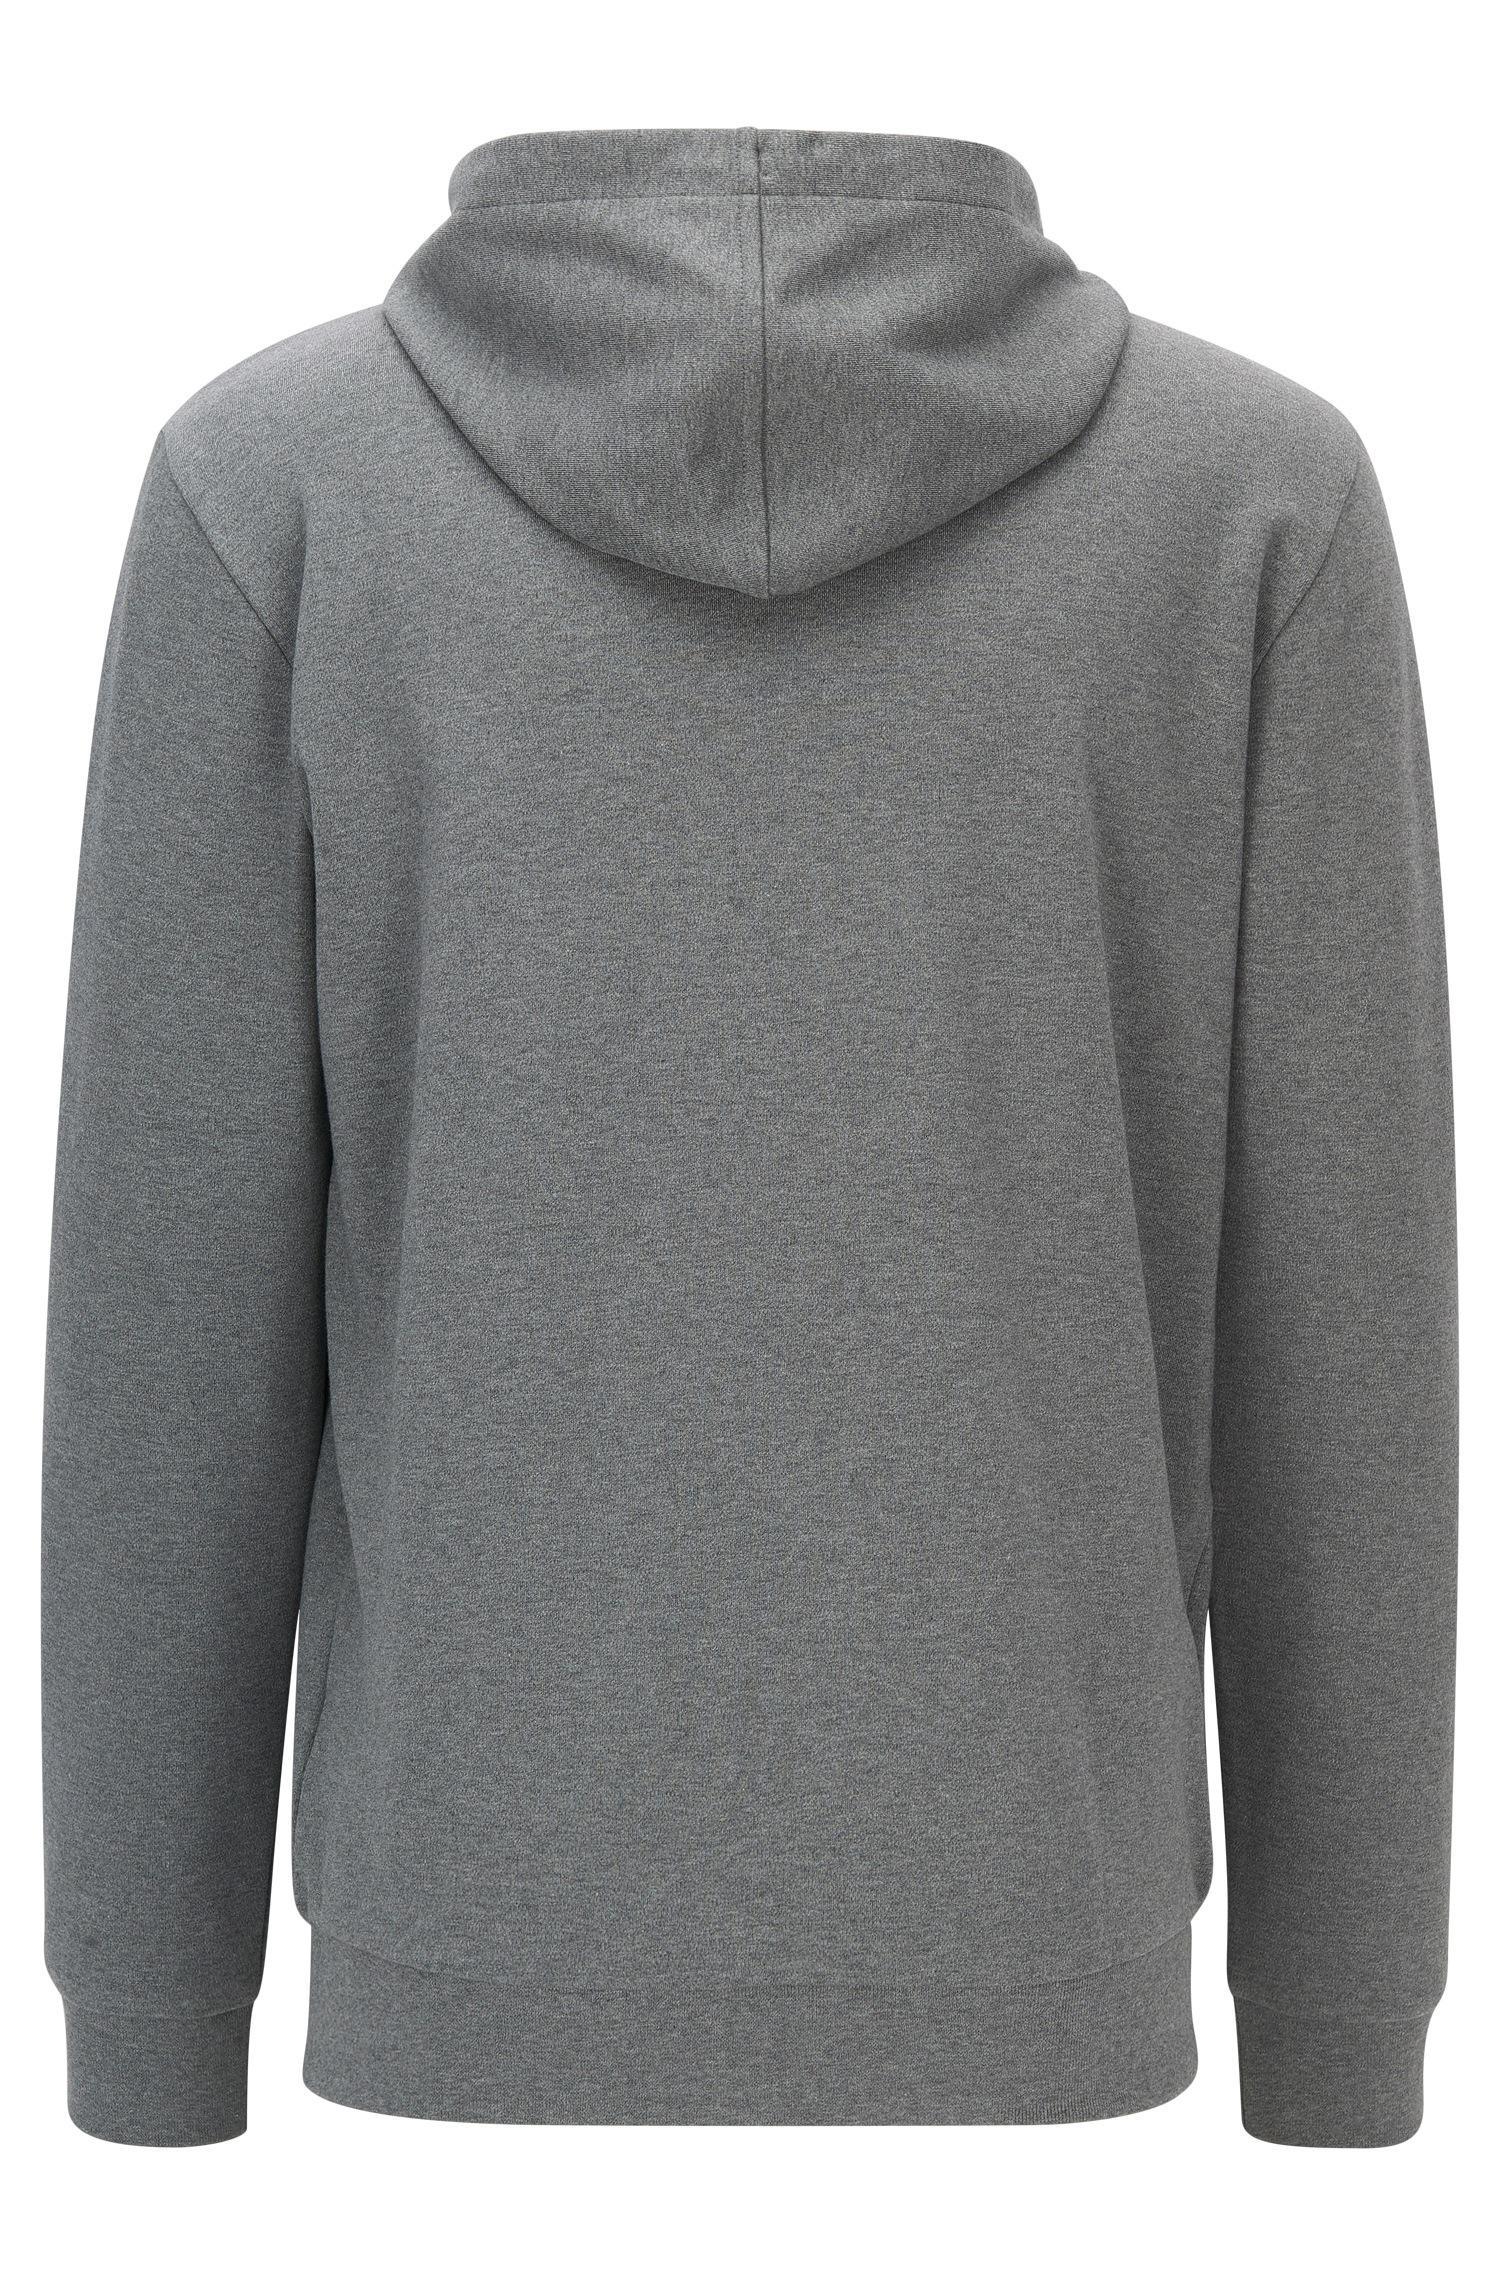 0522b5527 Lyst - Hugo Cotton Full-zip Hooded Sweater | Dattis in Gray for Men